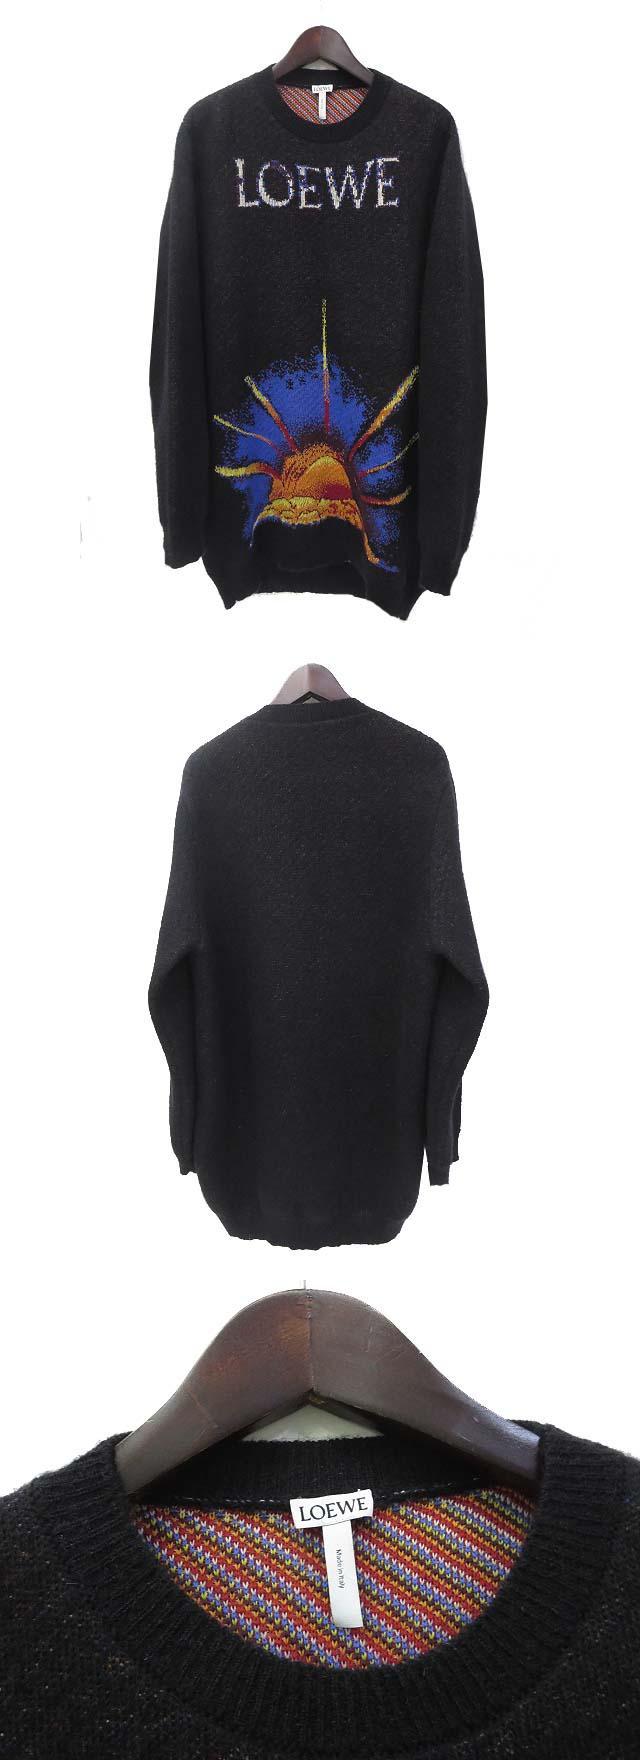 美品 LOEWE ロエベ Sunrise Graphic Intarsia Knit Sweater サンライズ グラフィック 長袖 ロング ニット セーター L ブラック